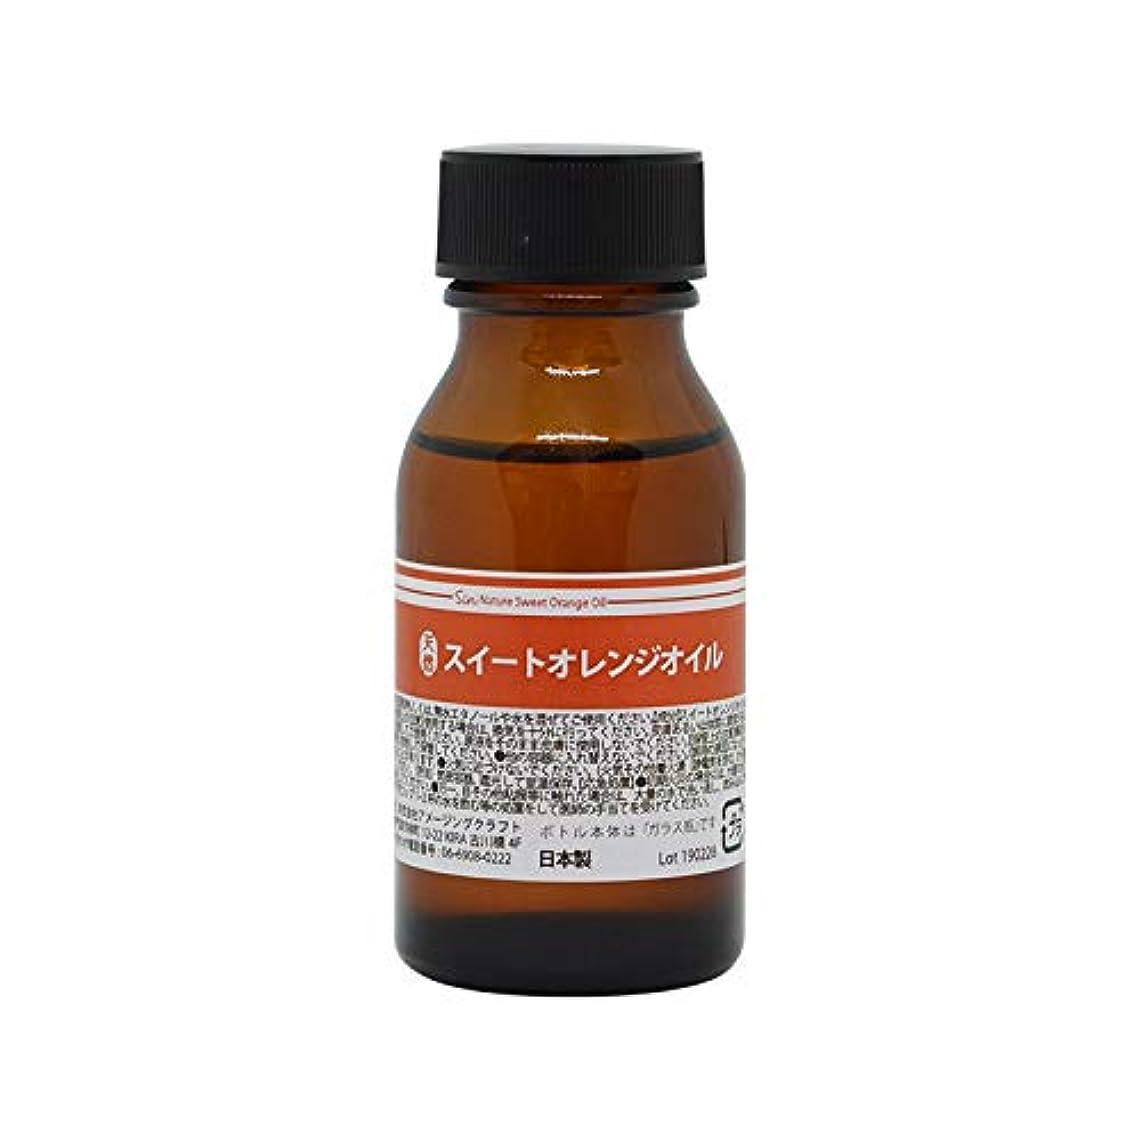 疲れた眠いです六月天然100% スイートオレンジオイル 50ml (オレンジスイート) エッセンシャルオイル